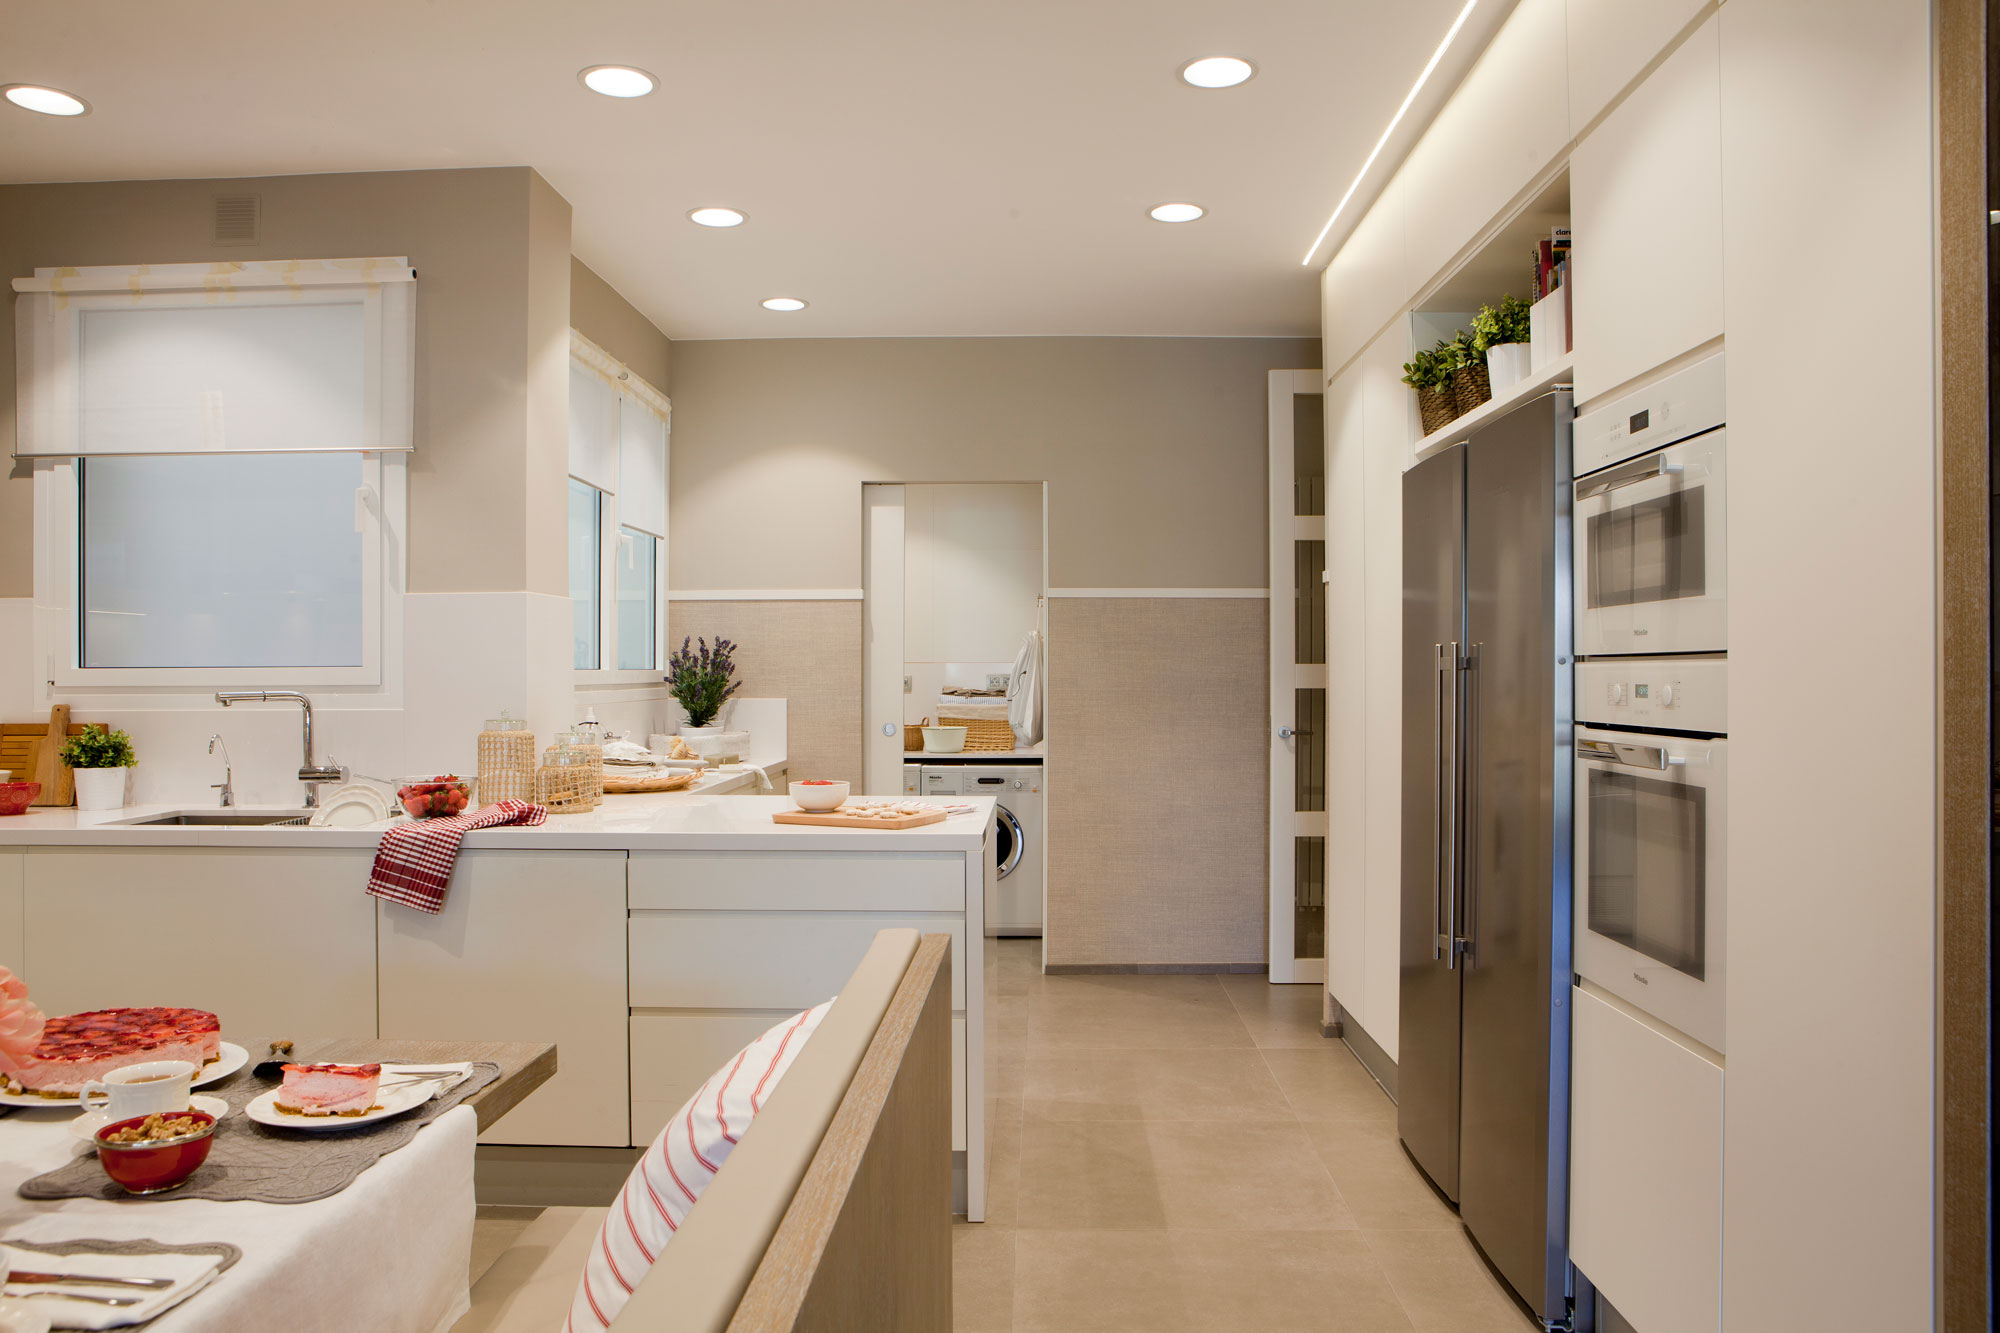 C mo iluminar tu casa sin cometer los errores m s habituales - Focos led techo cocina ...